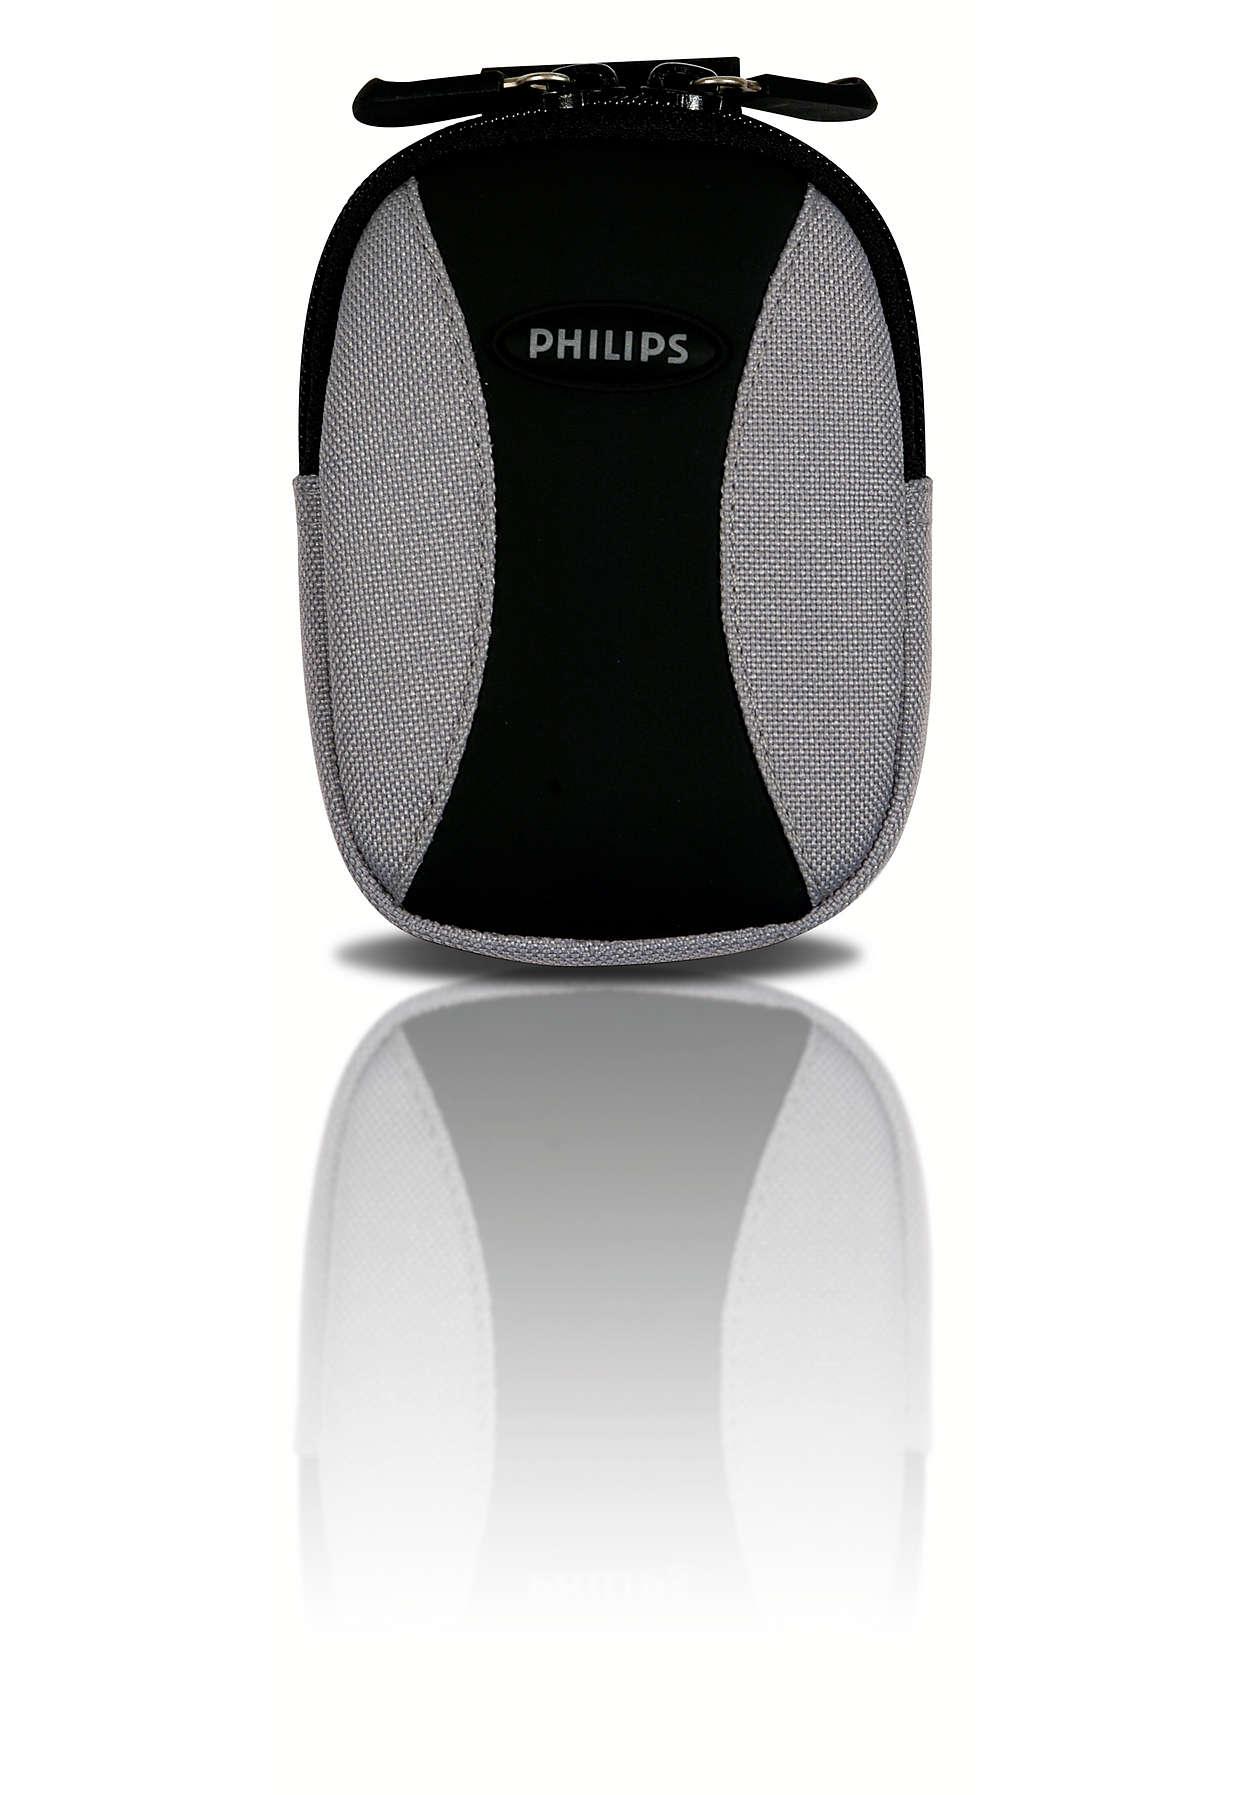 Szállítás közben is óvja MP3-lejátszóját